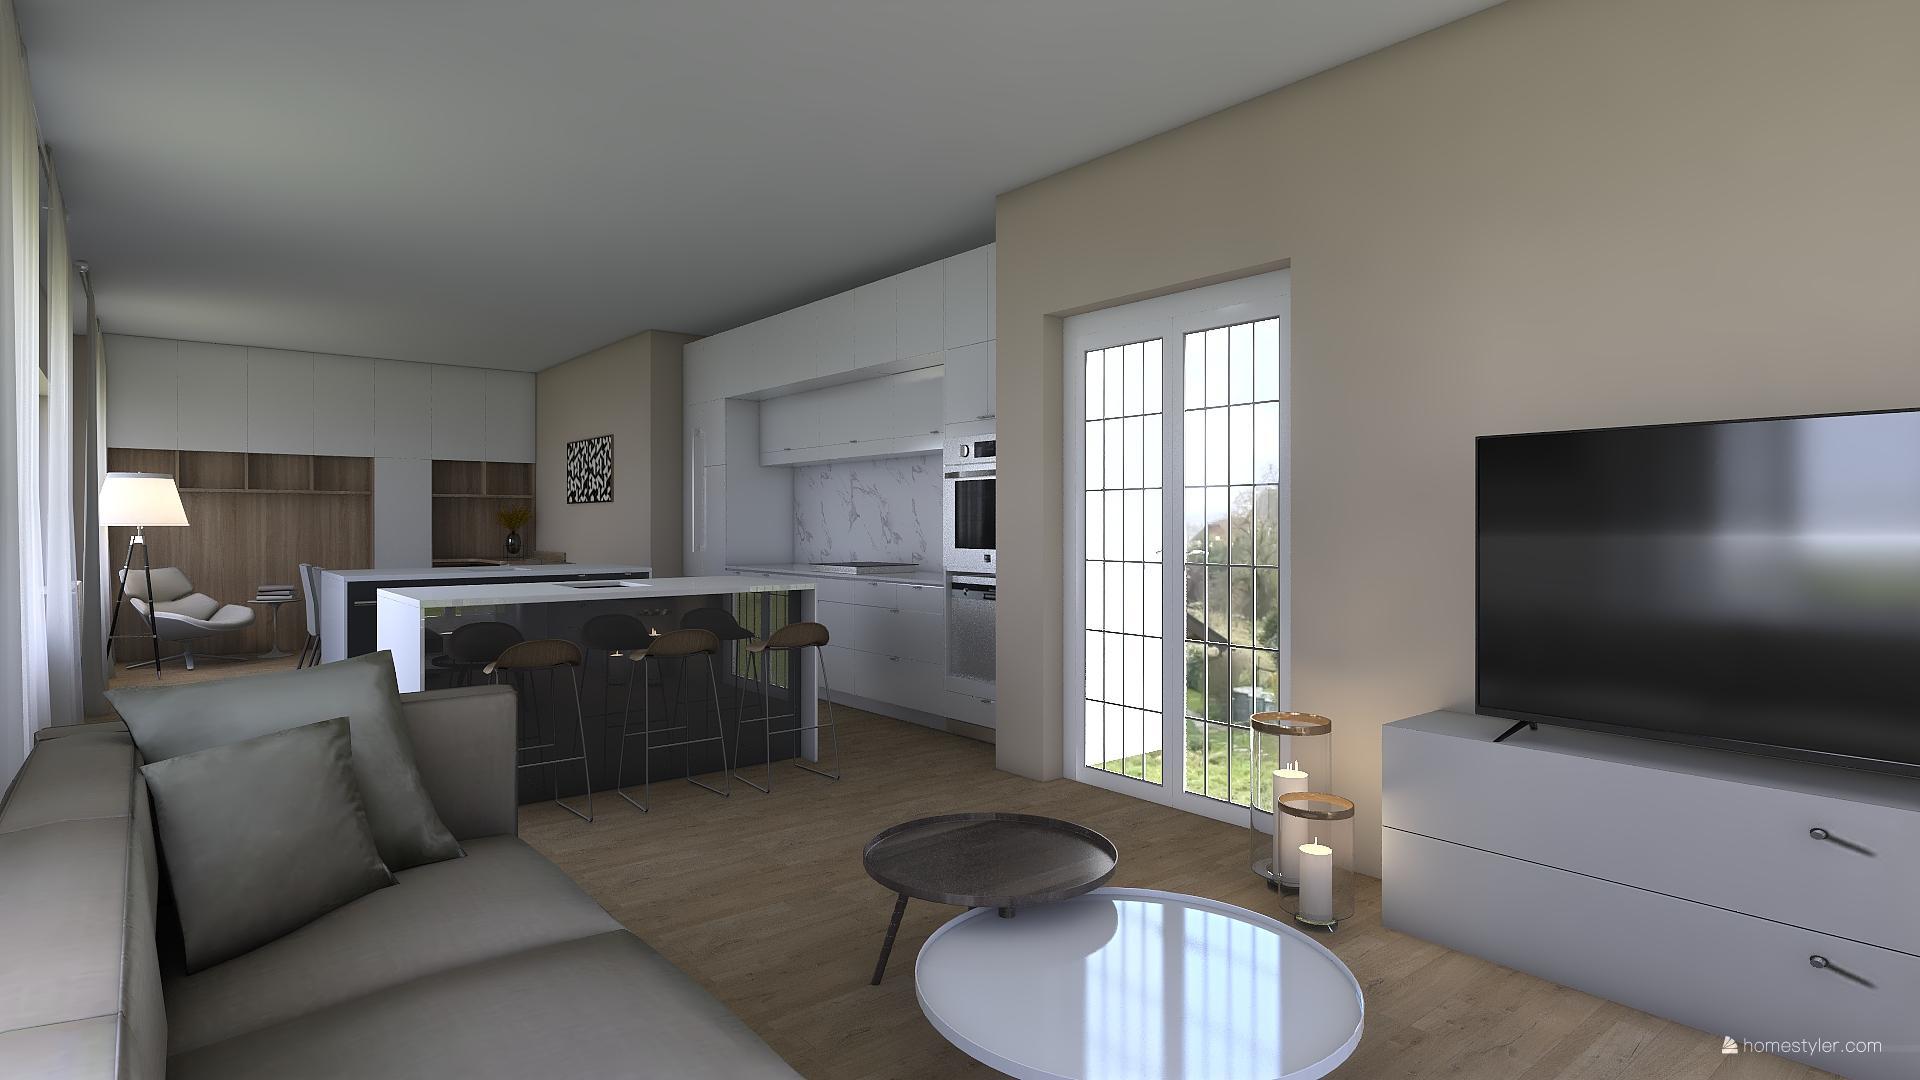 Vizualizace obýváku s kuchyní pro @iuanecka - Obrázek č. 10